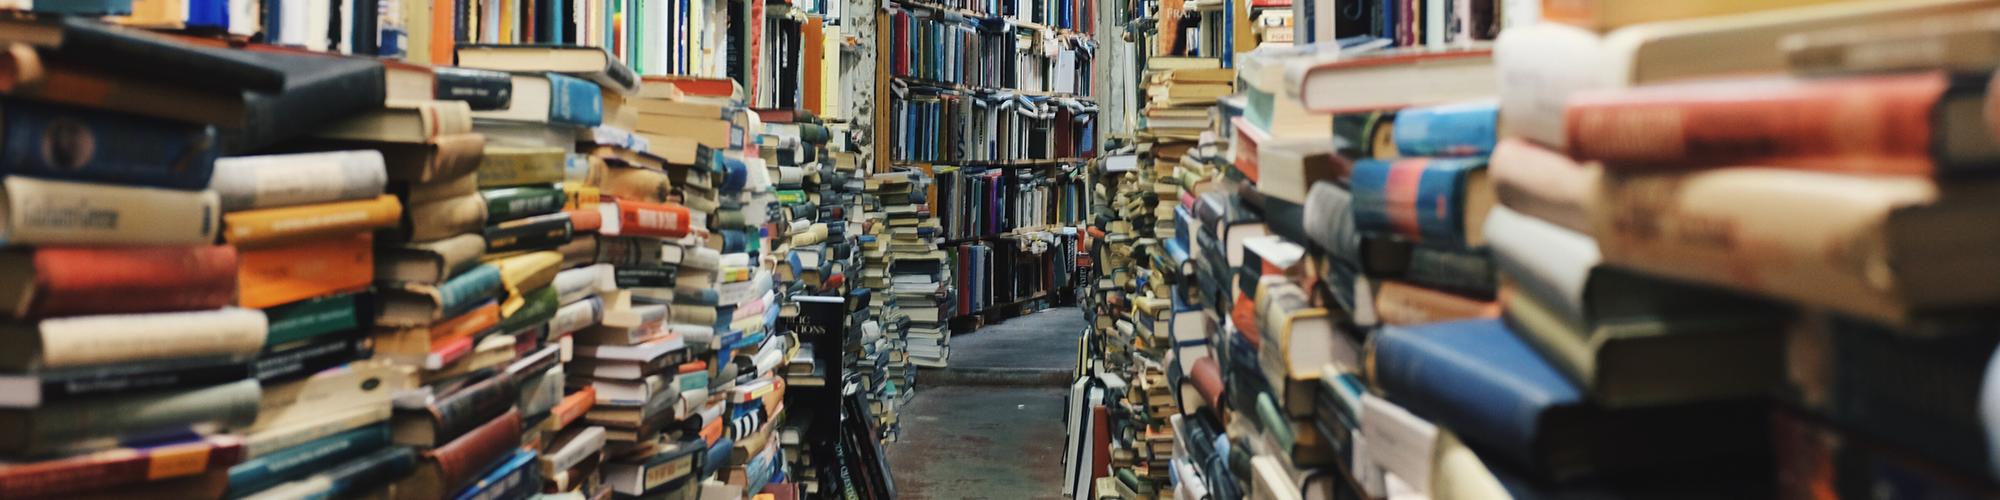 25e boekenbeurs staat voor de deur